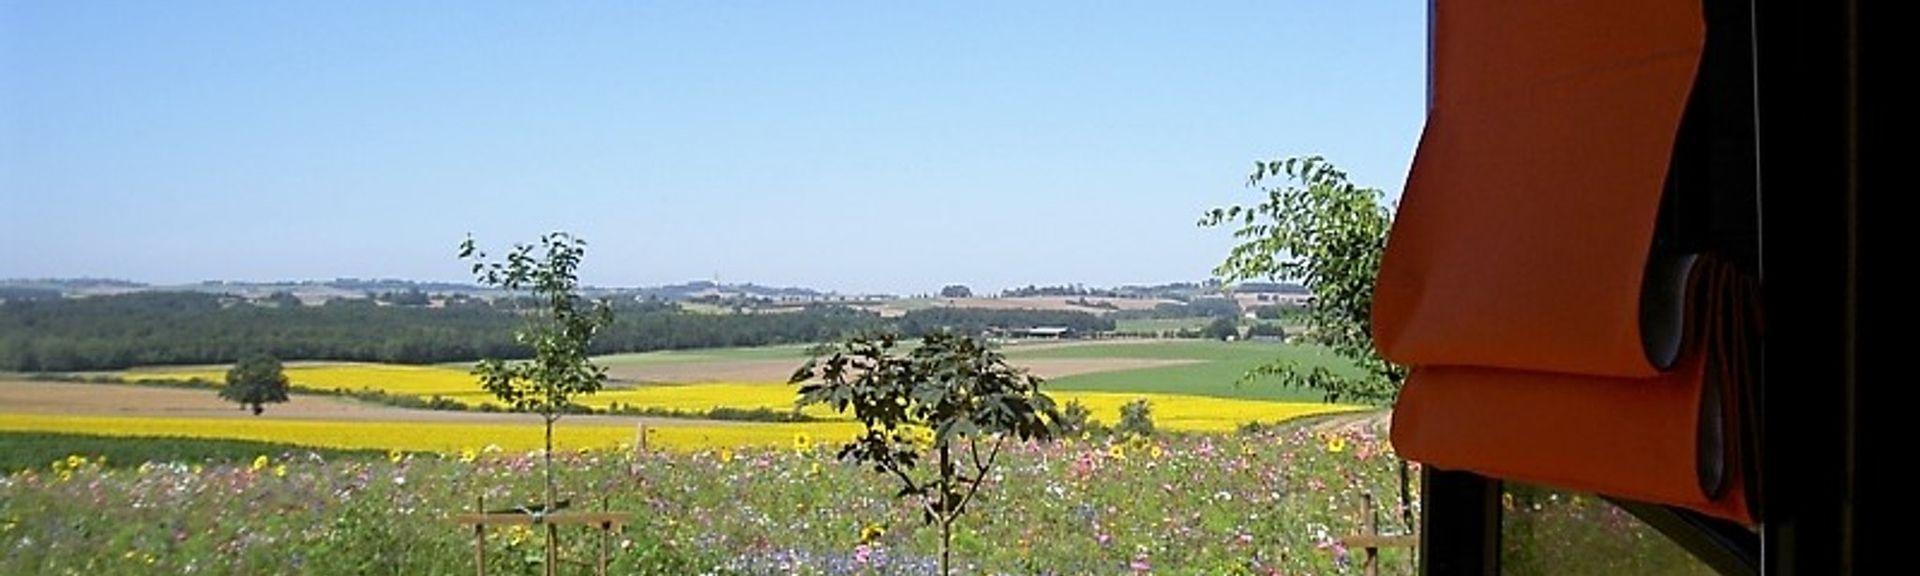 Miradoux, Occitanie, Ranska